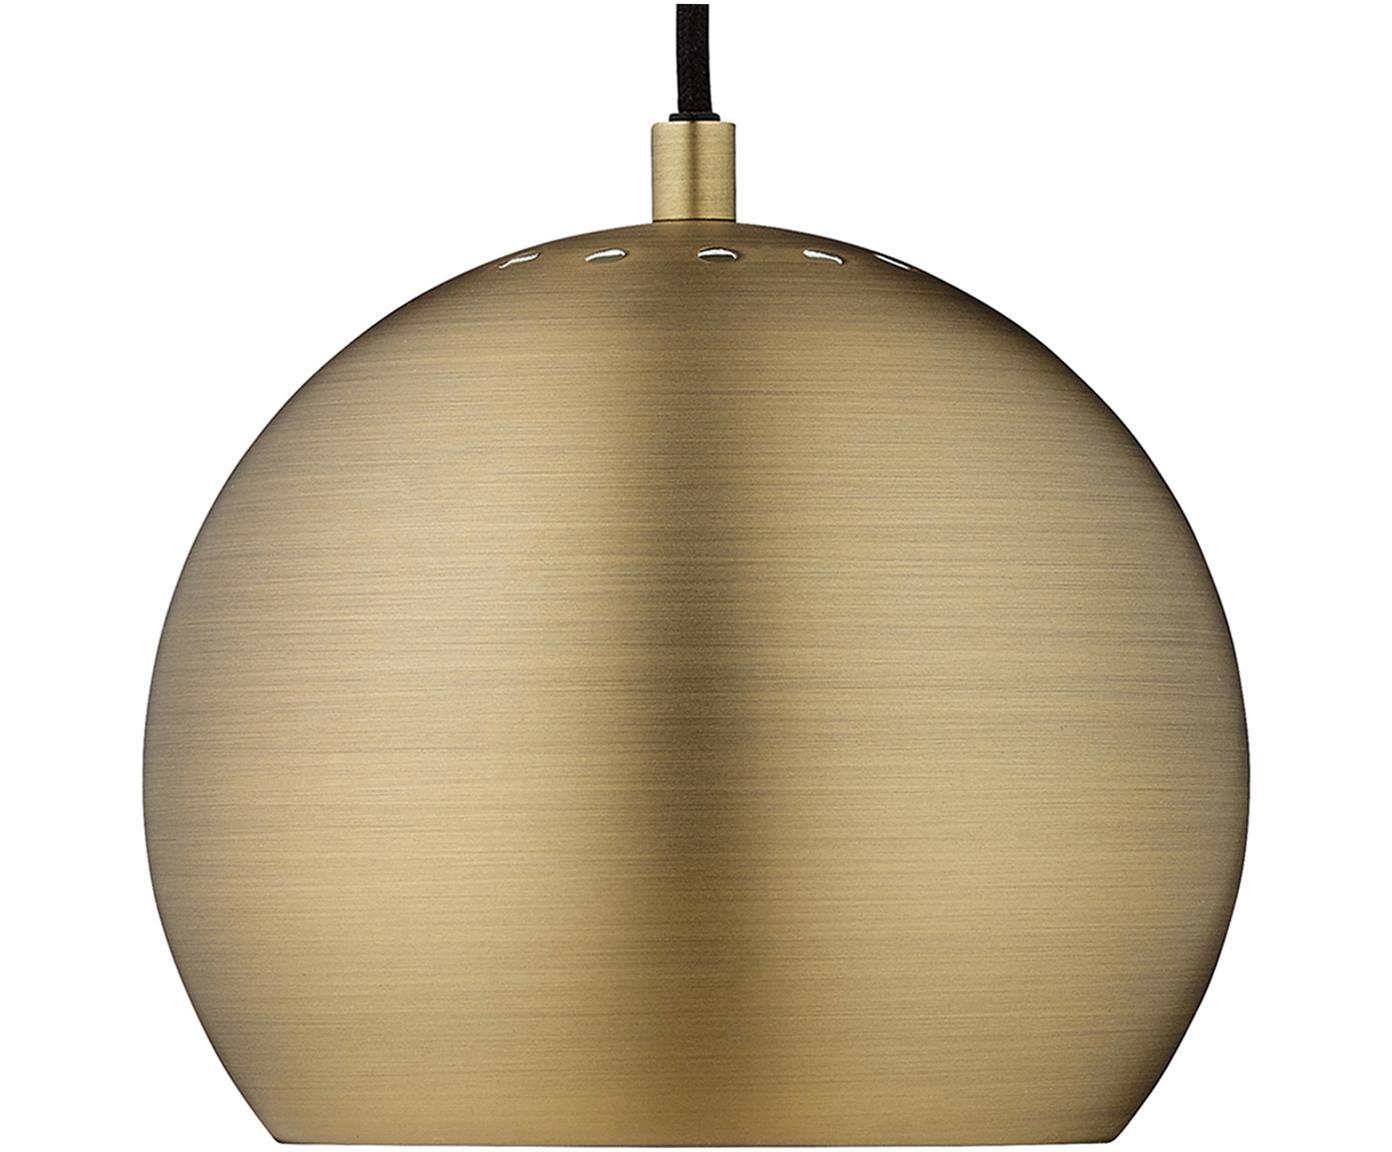 Lámpara de techo pequeña Ball, Pantalla: latón cepillado, Cable: cubierto en tela, Latón, negro, Ø 18 x Al 16 cm